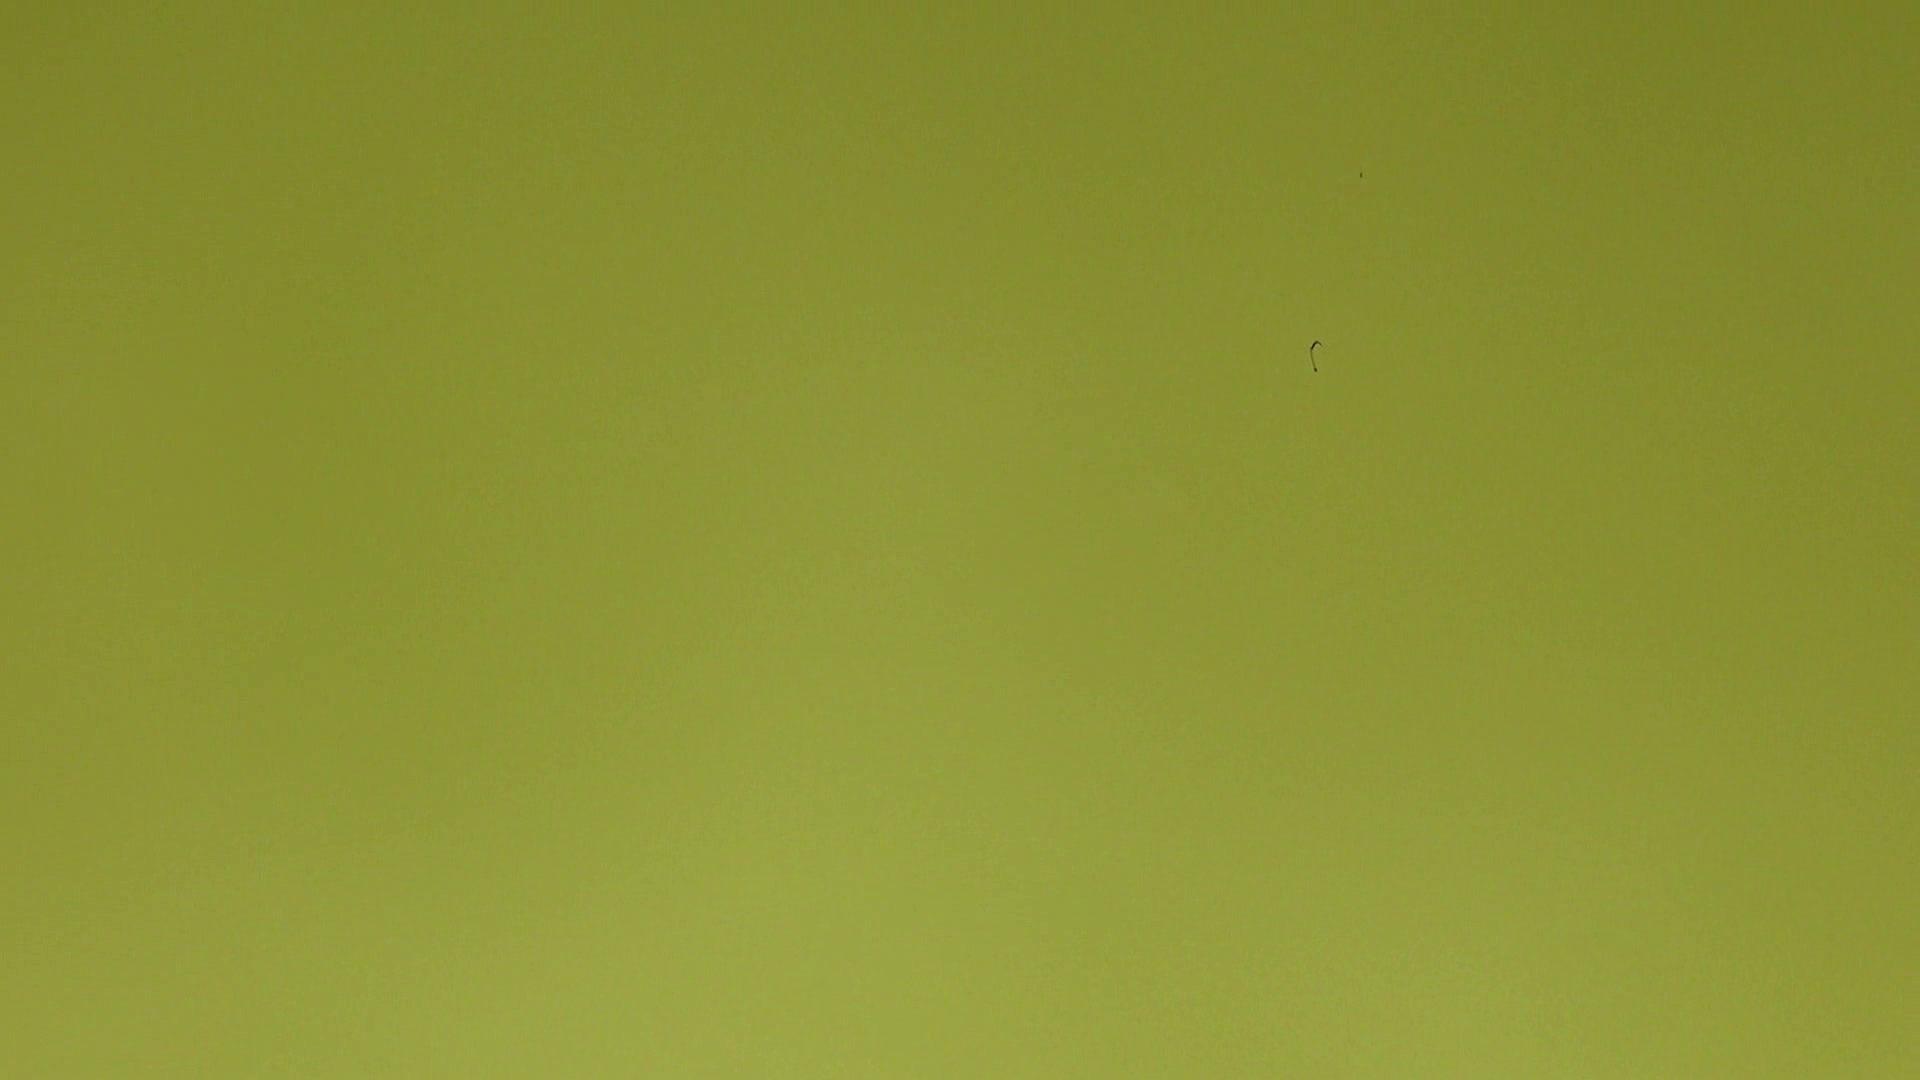 上級者の方専用 vol.03 OLセックス | 0  82画像 29